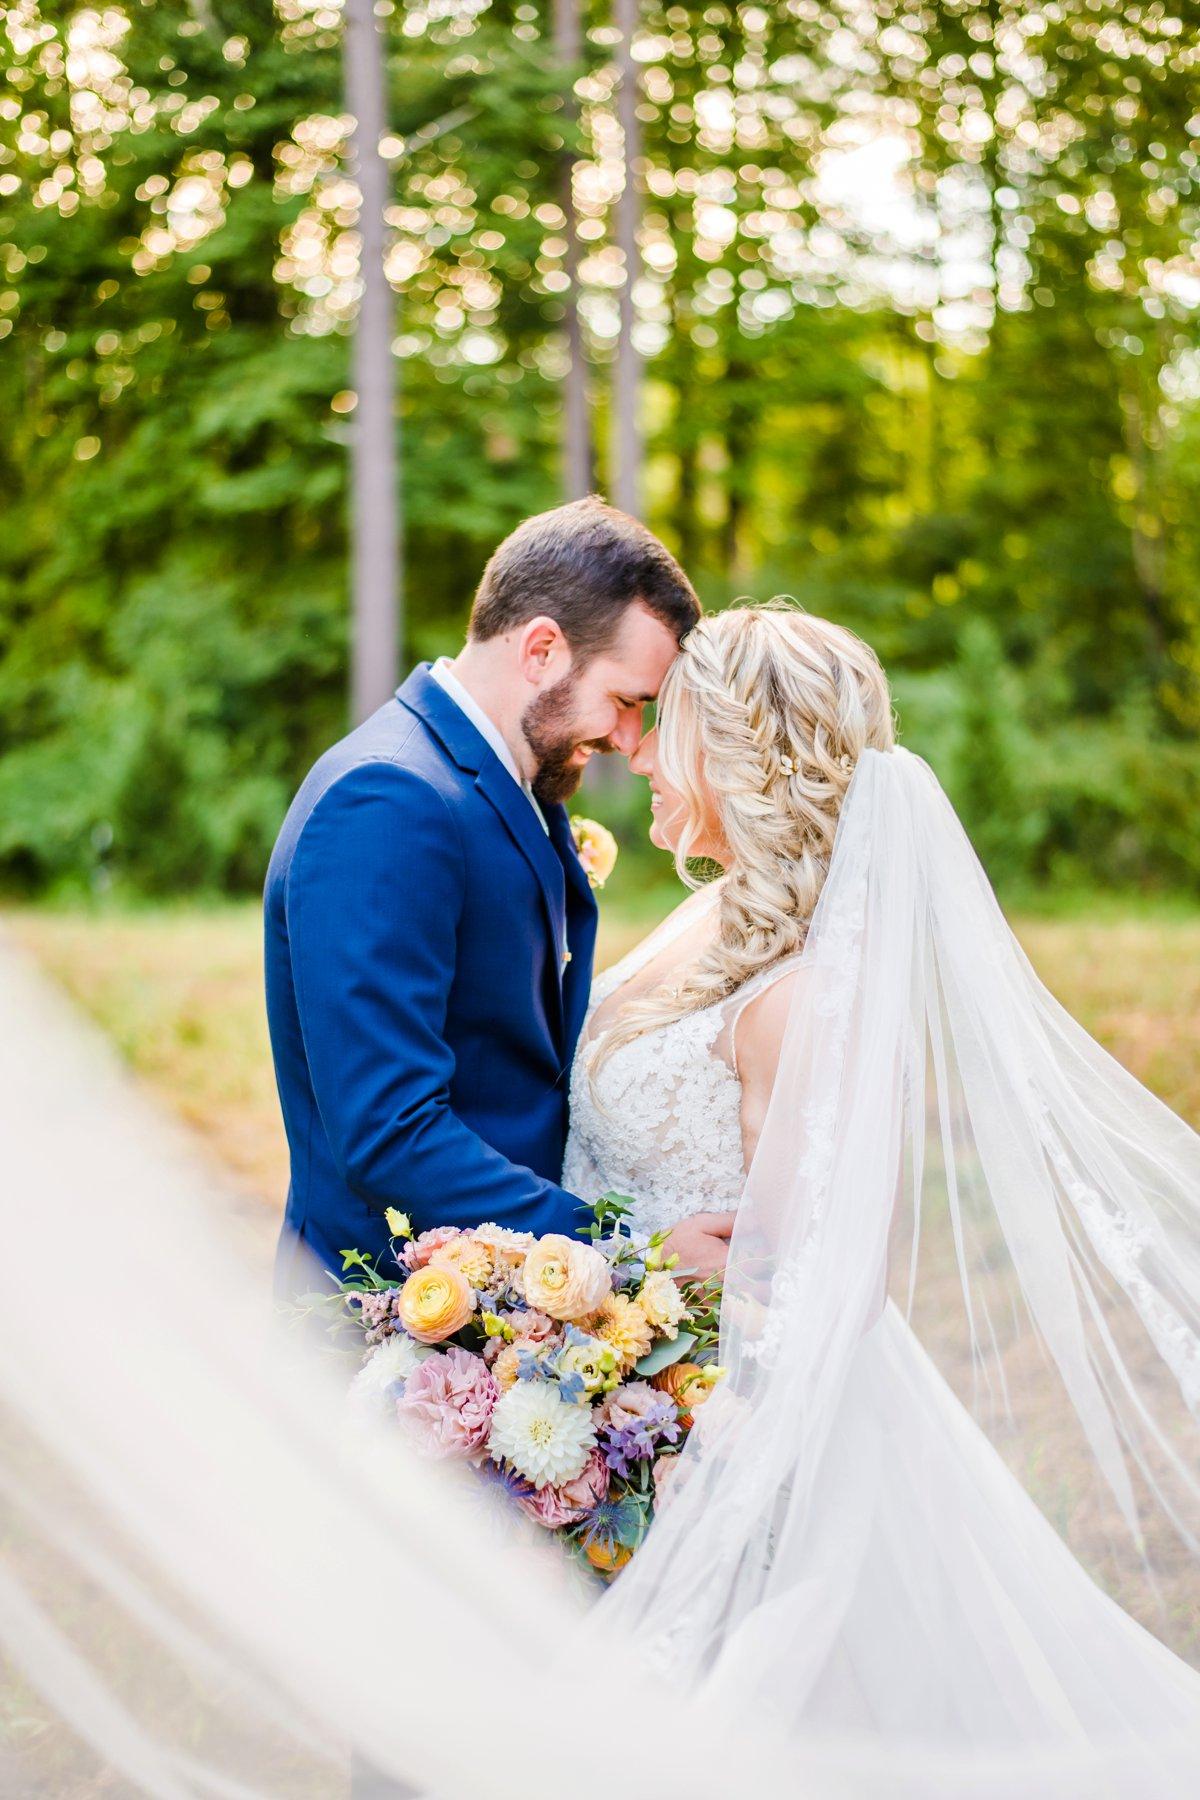 A Colorful Outdoor North Carolina Wedding via TheELD.com